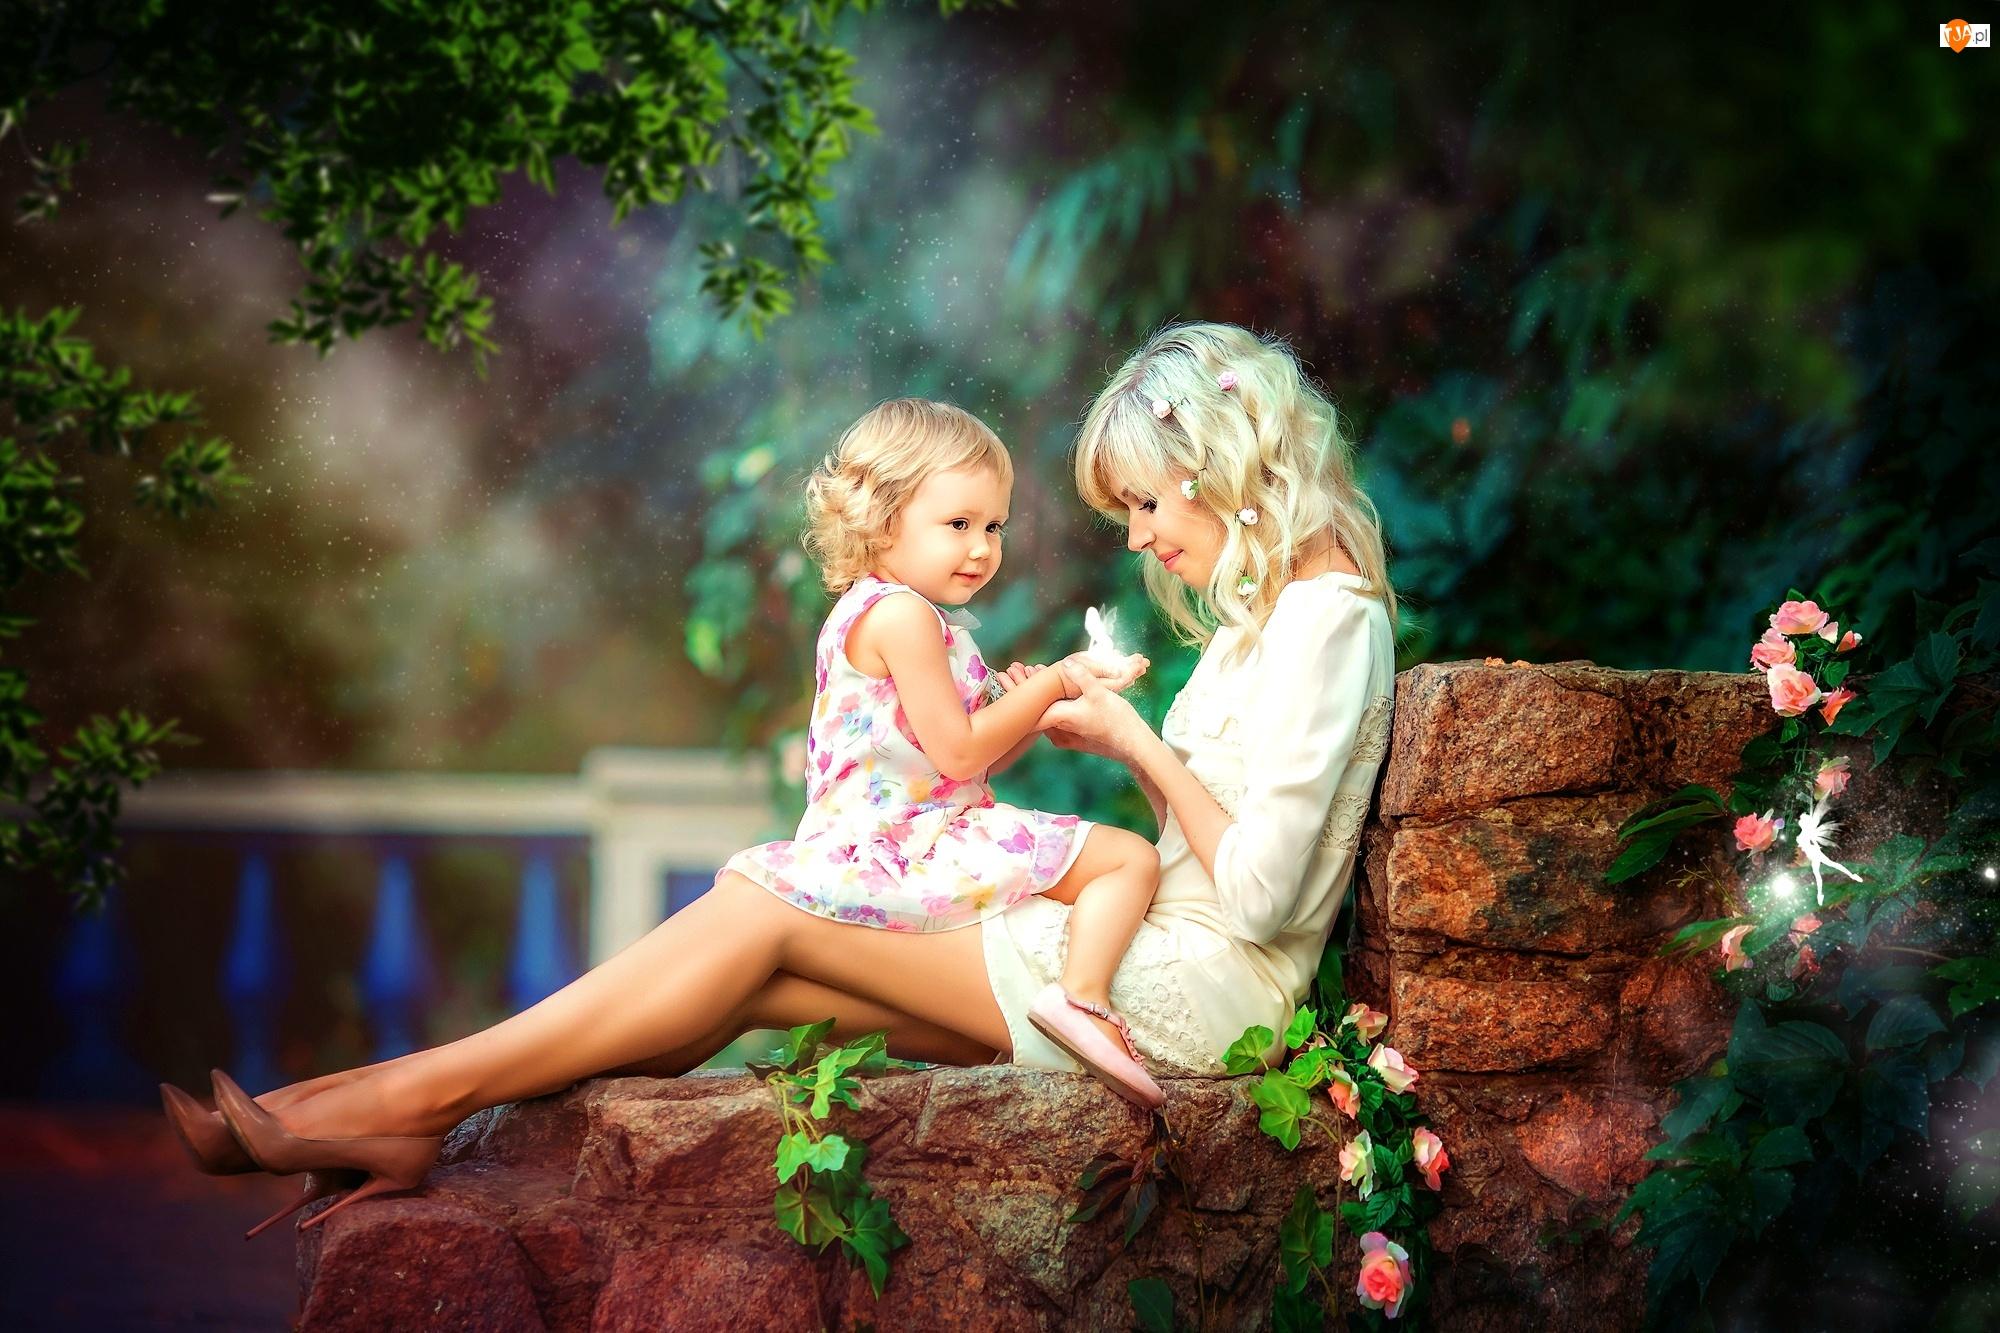 Murek, Kobieta, Ogród, Dziecko, Kwiaty